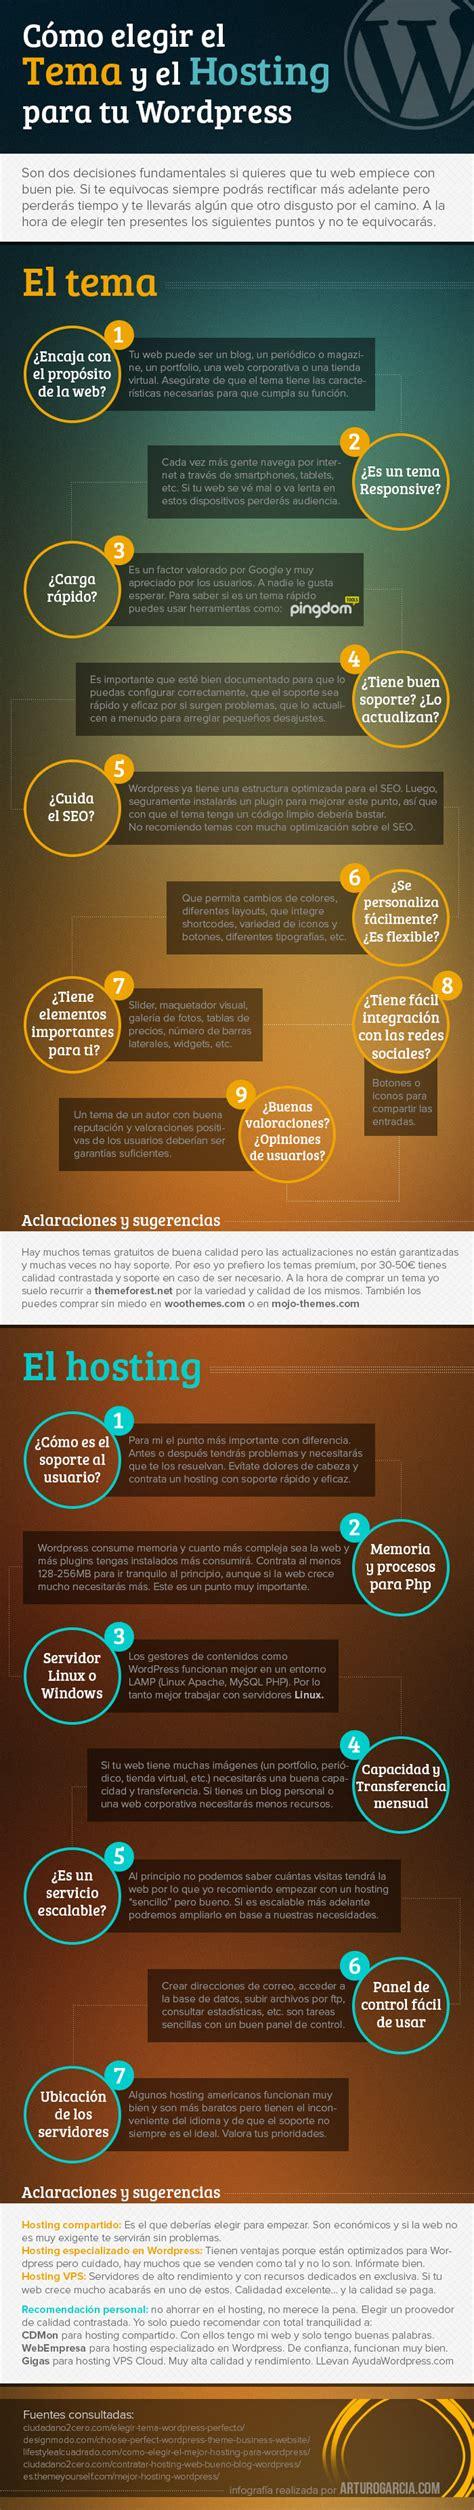 Cómo elegir el tema y el hosting para tu WordPress # ...